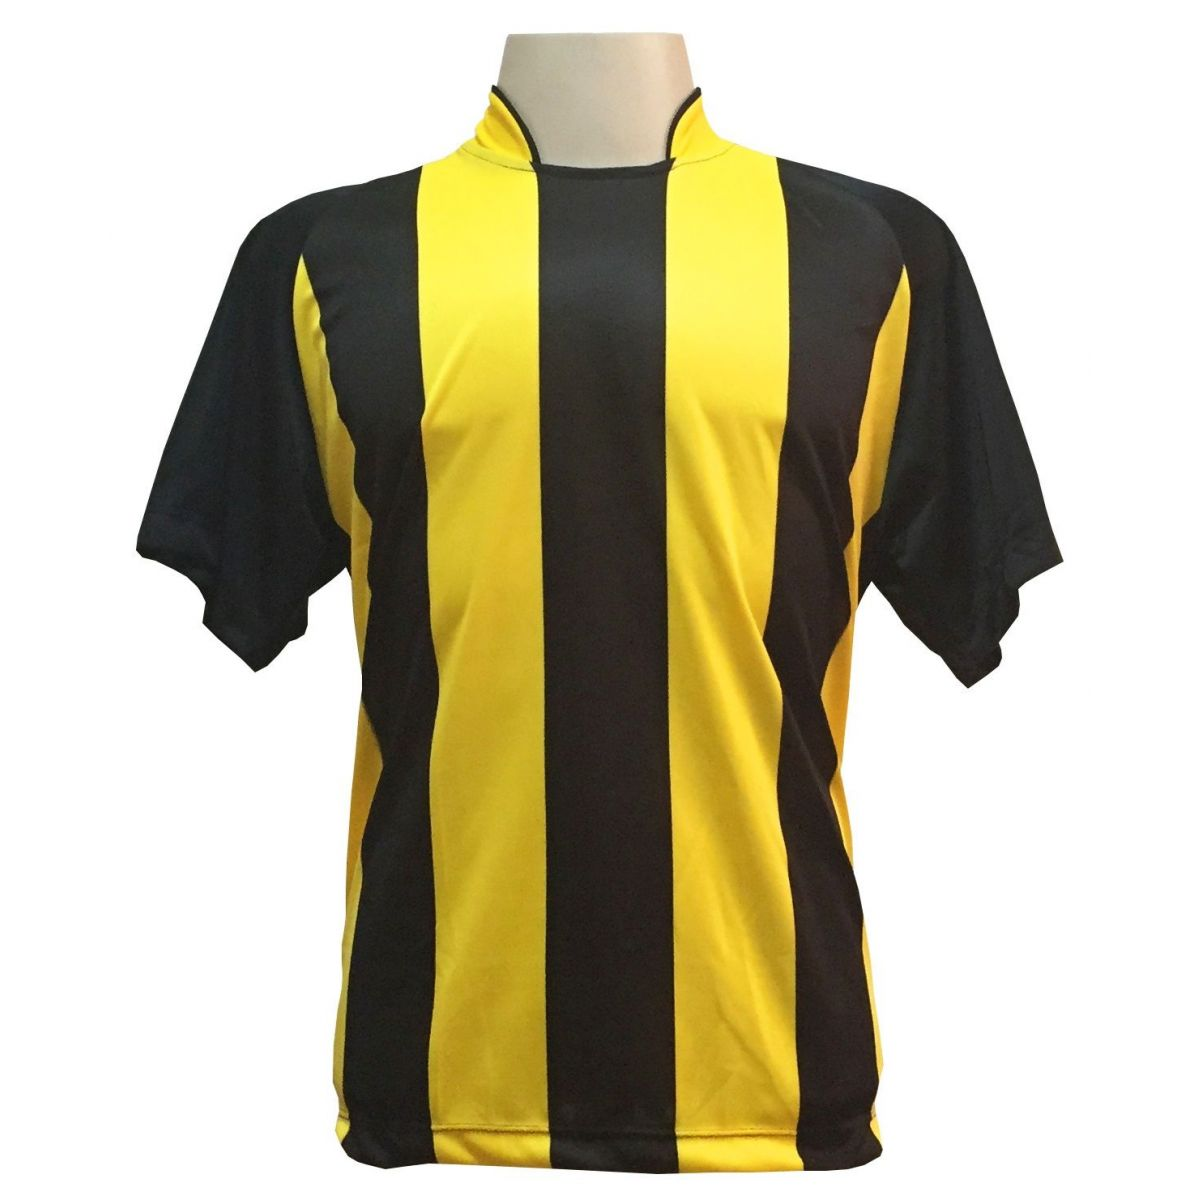 Uniforme Esportivo com 20 Camisas modelo Milan Preto/Amarelo + 20 Calções modelo Madrid Amarelo